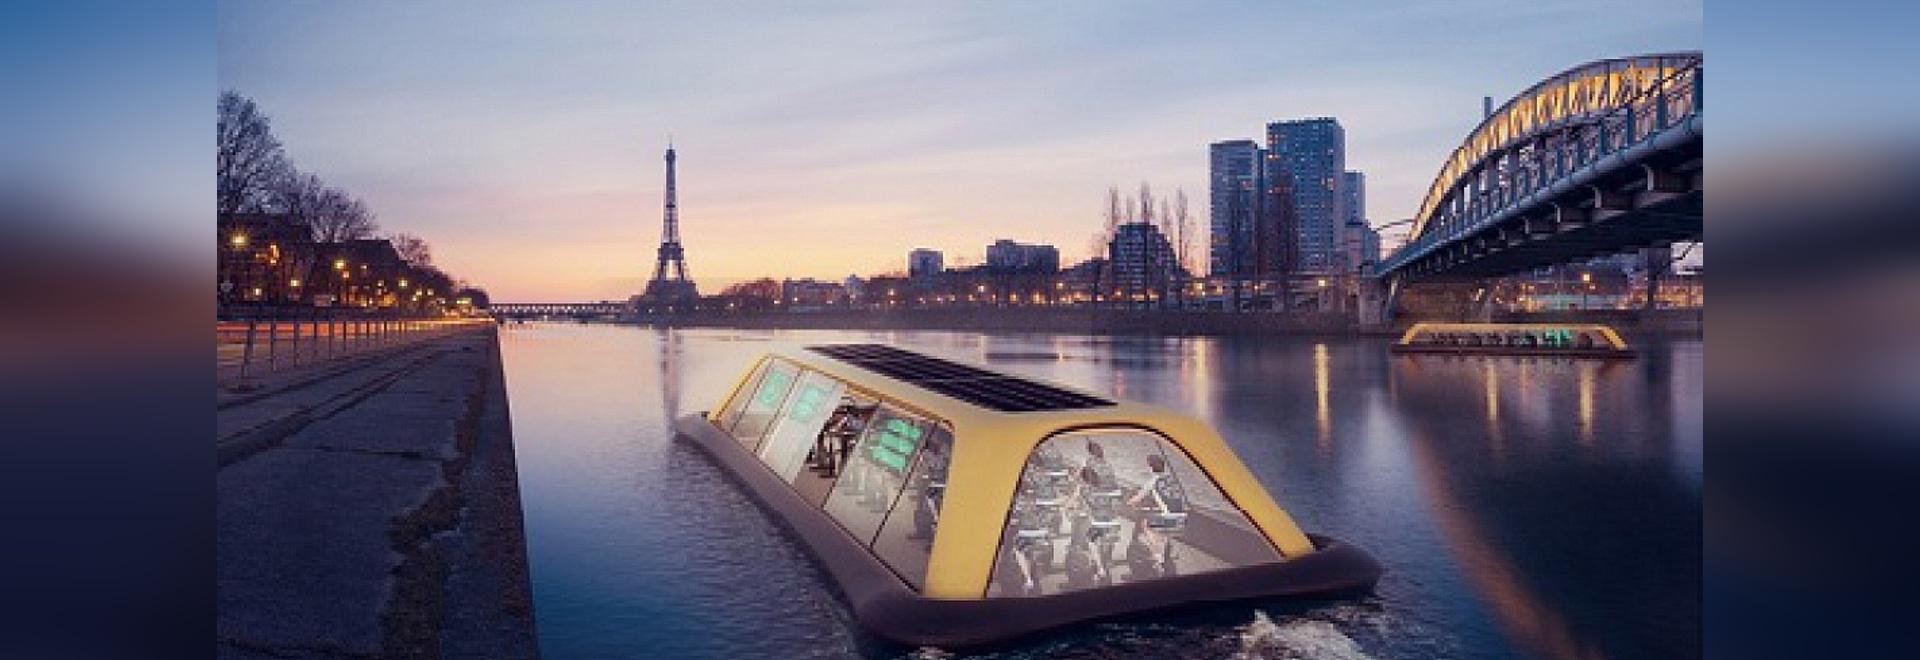 El proyecto de navegación del gimnasio de París (cortesía de Carlo Ratti Associati)